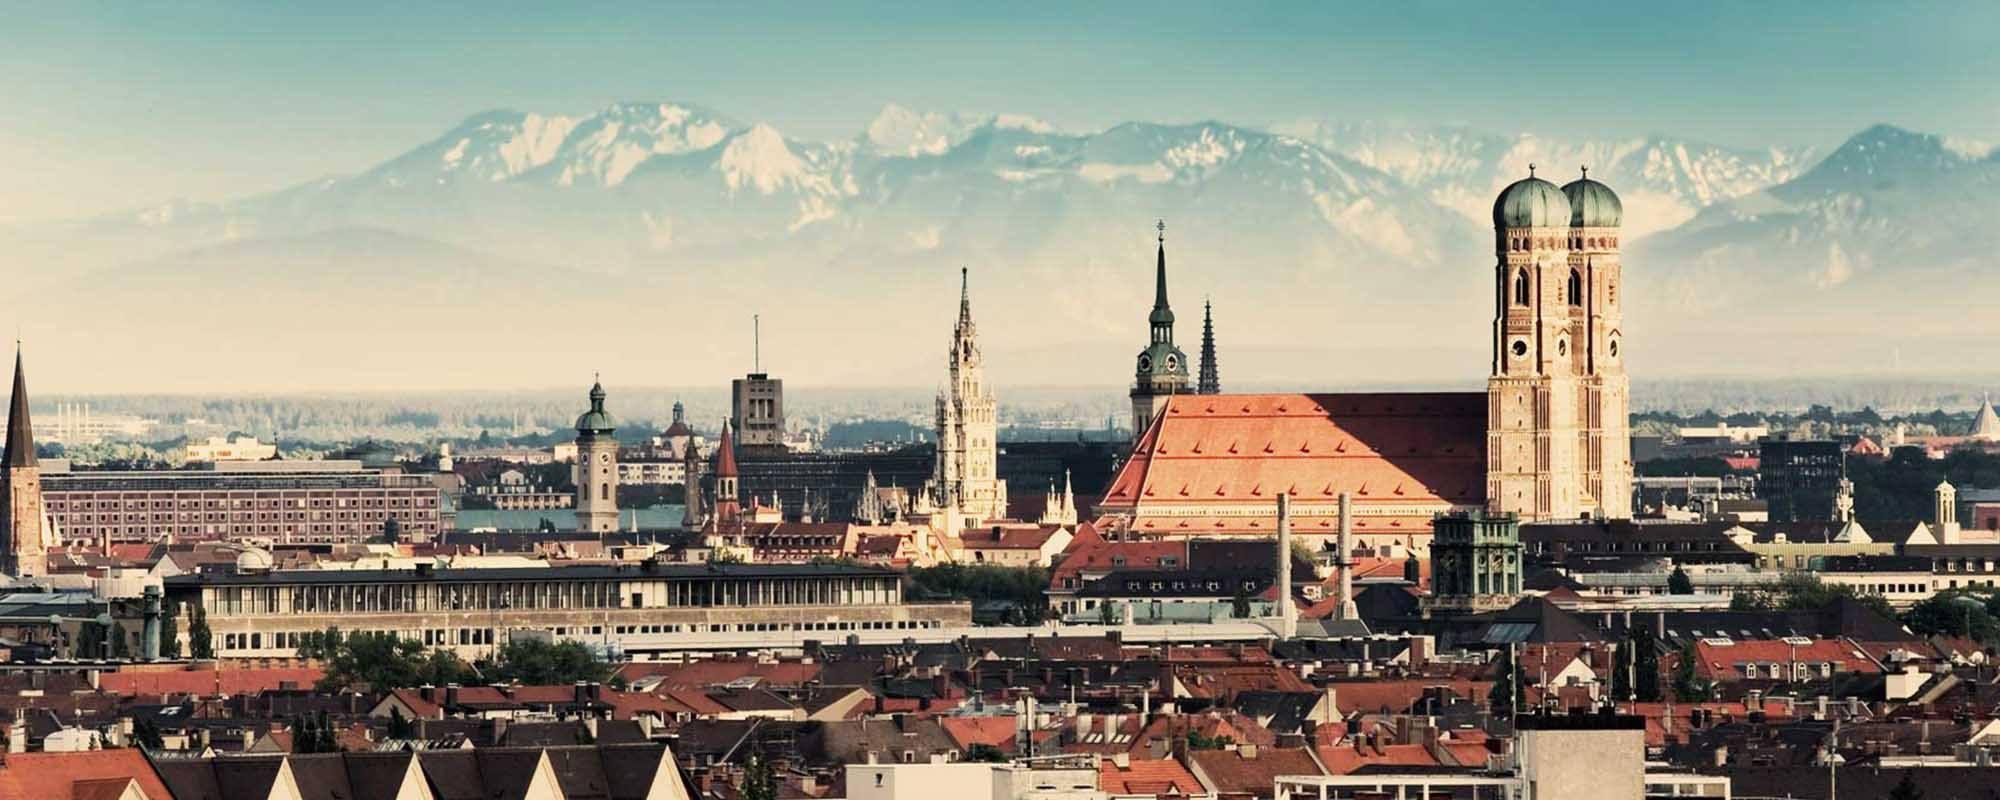 College a Monaco di Baviera